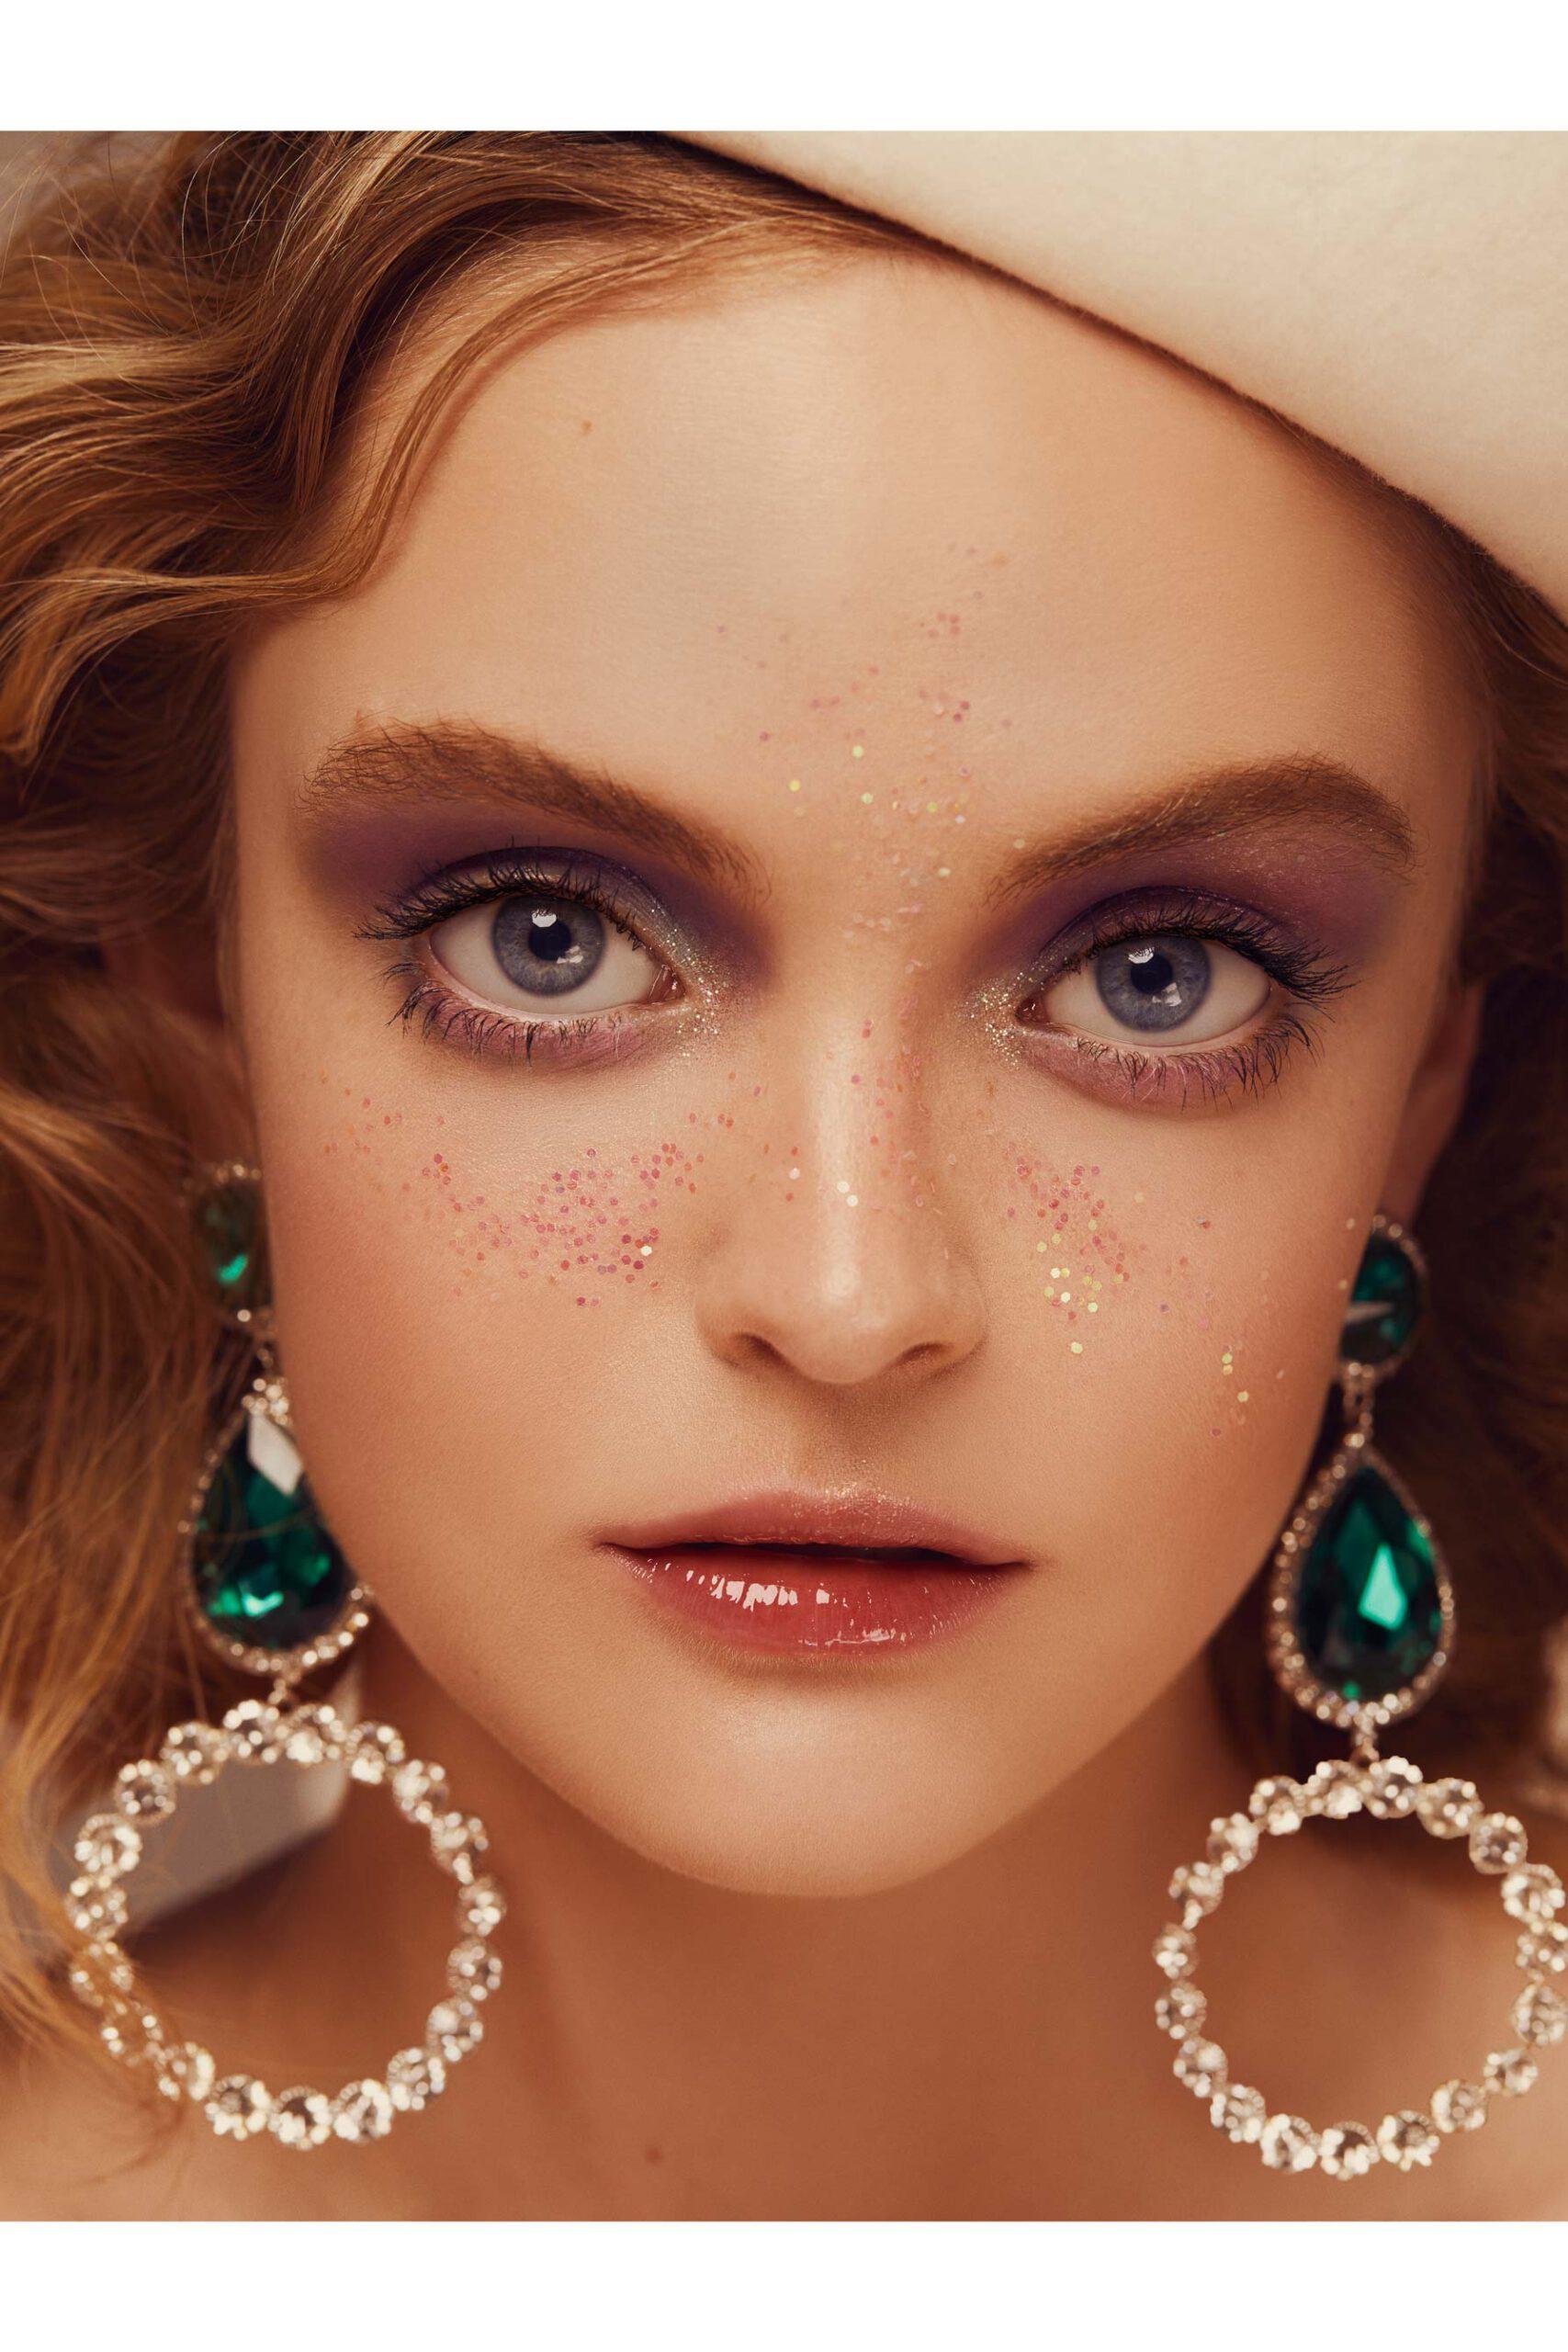 Photographe de produits et bijoux luxueux et pierres précieuses